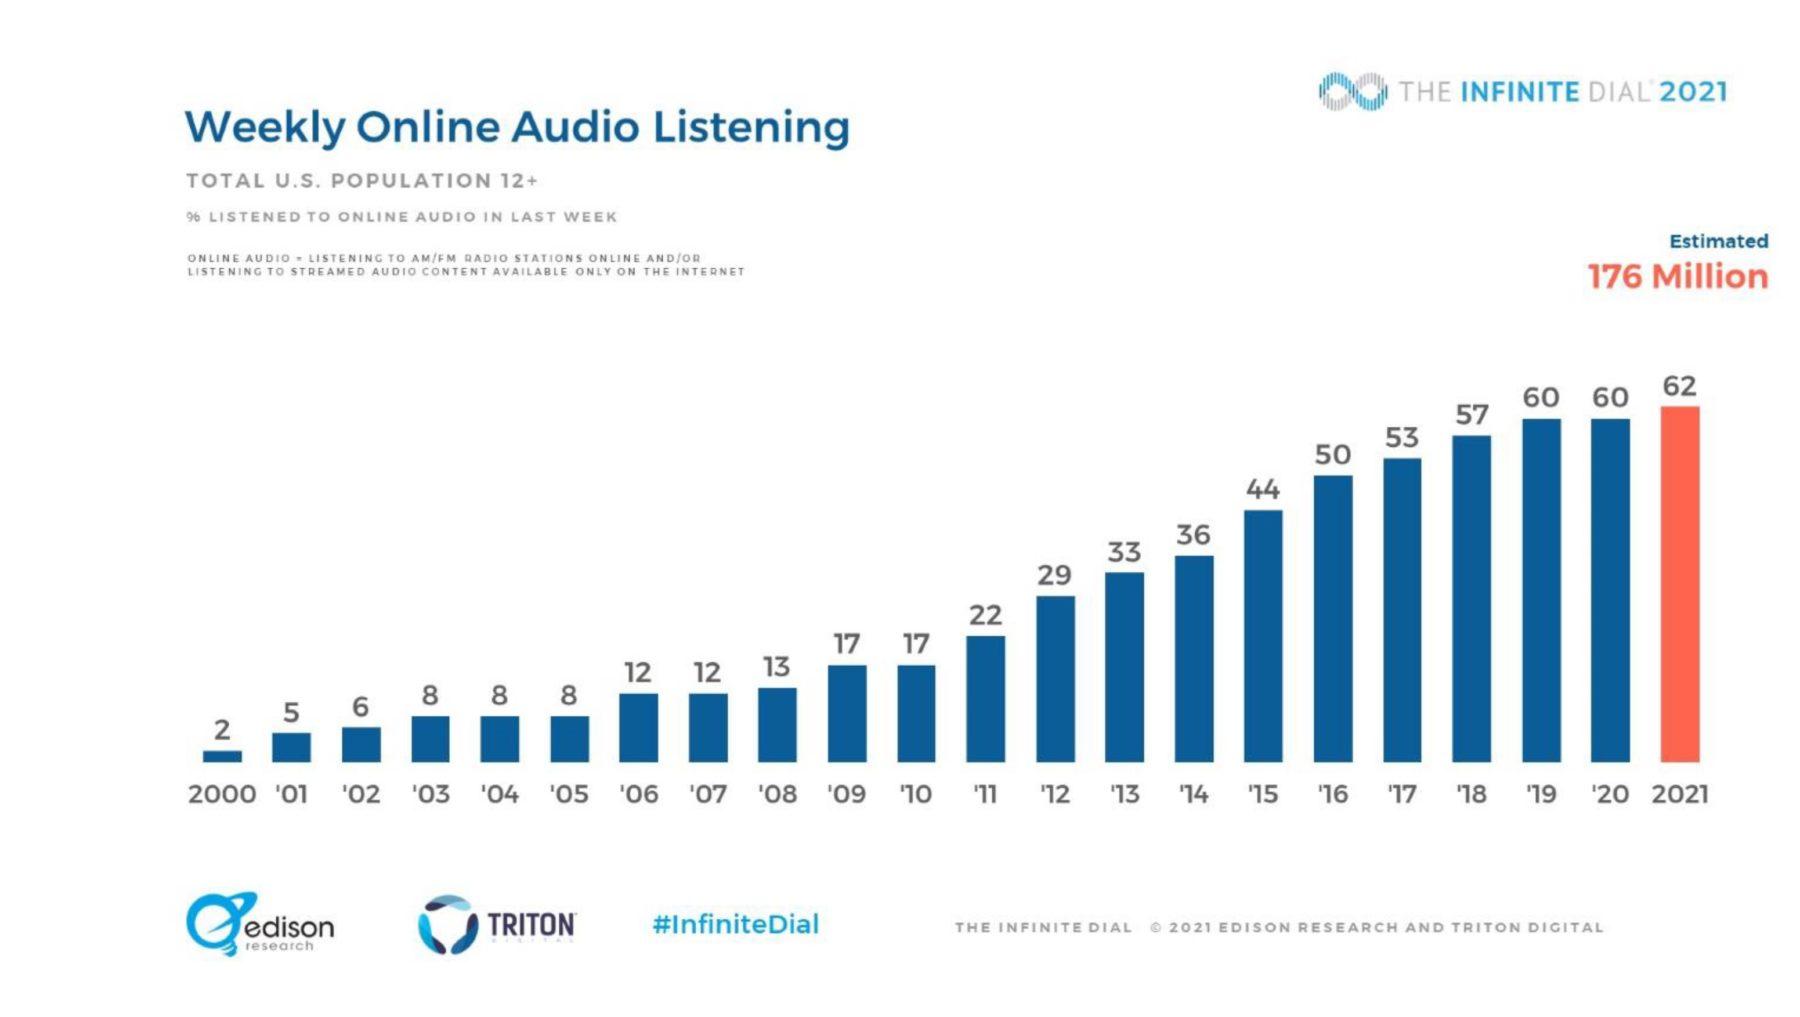 Inifinite Dial 2021 audio 1